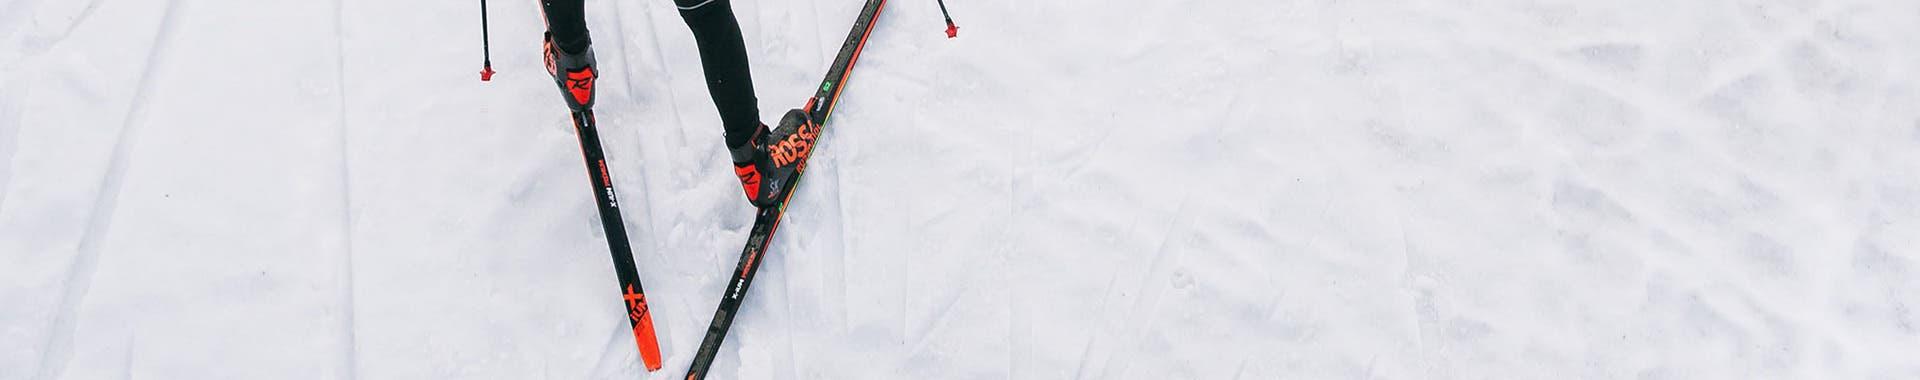 Skating skis